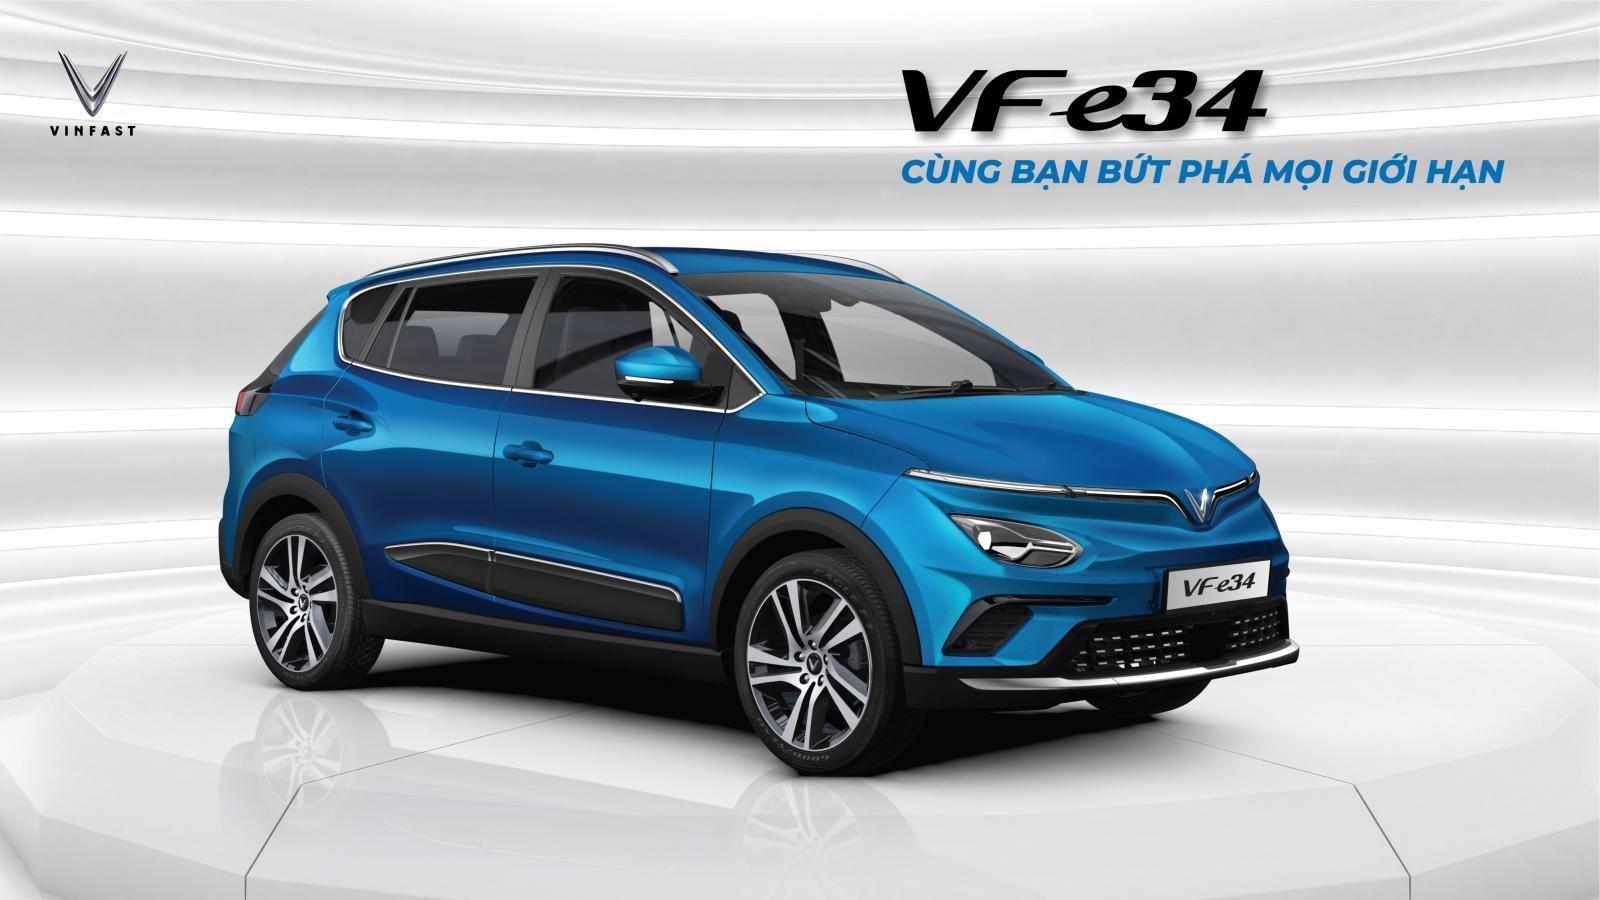 Tranh thủ VinFast VF e34 áp dụng giá hấp dẫn, nhiều khách đặt mua cả...Tá 1